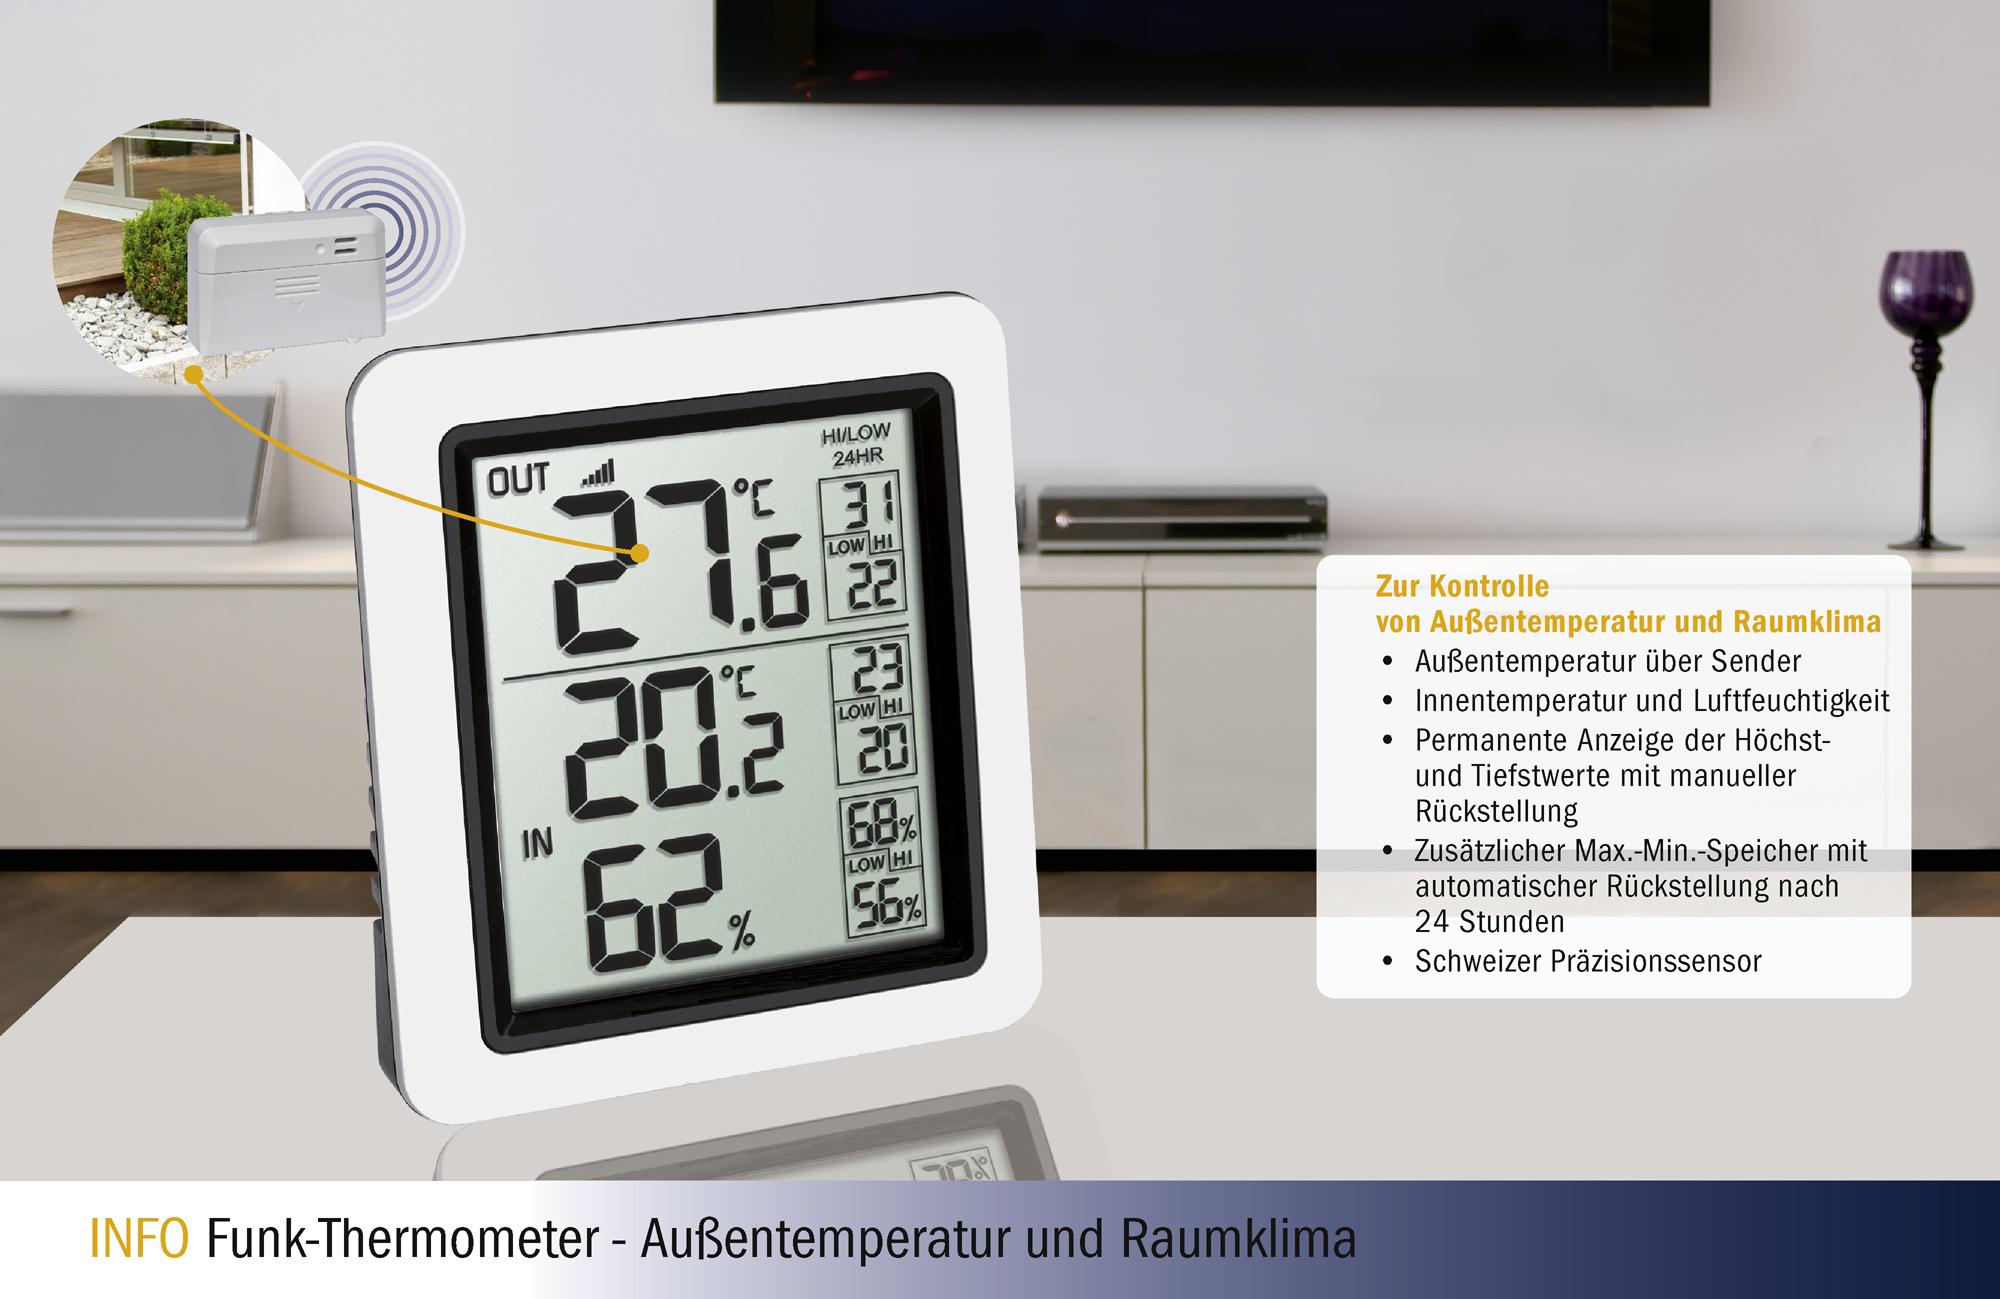 Info_Funk-Thermometer_303065_Vorteile.jpg